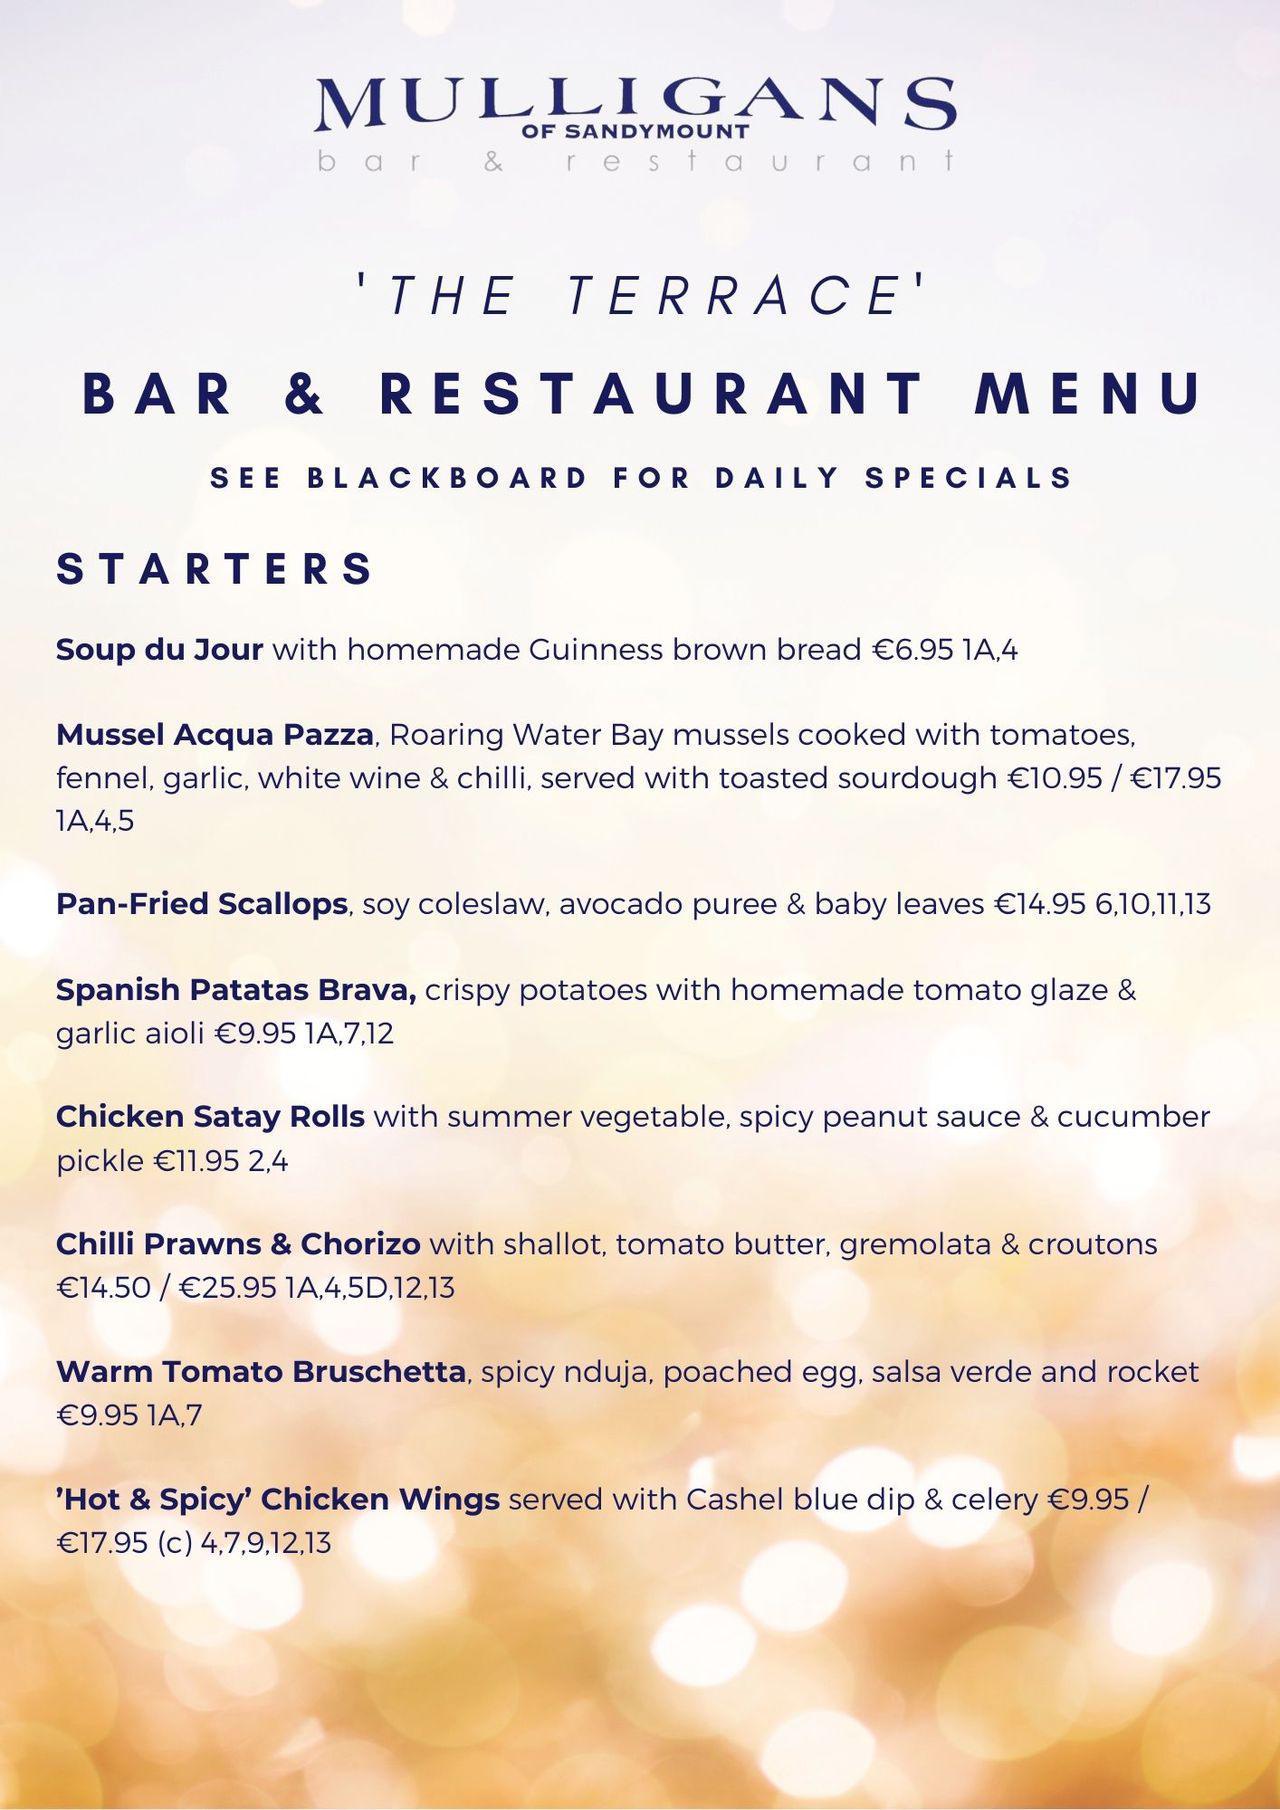 Bar & Restaurant Menu